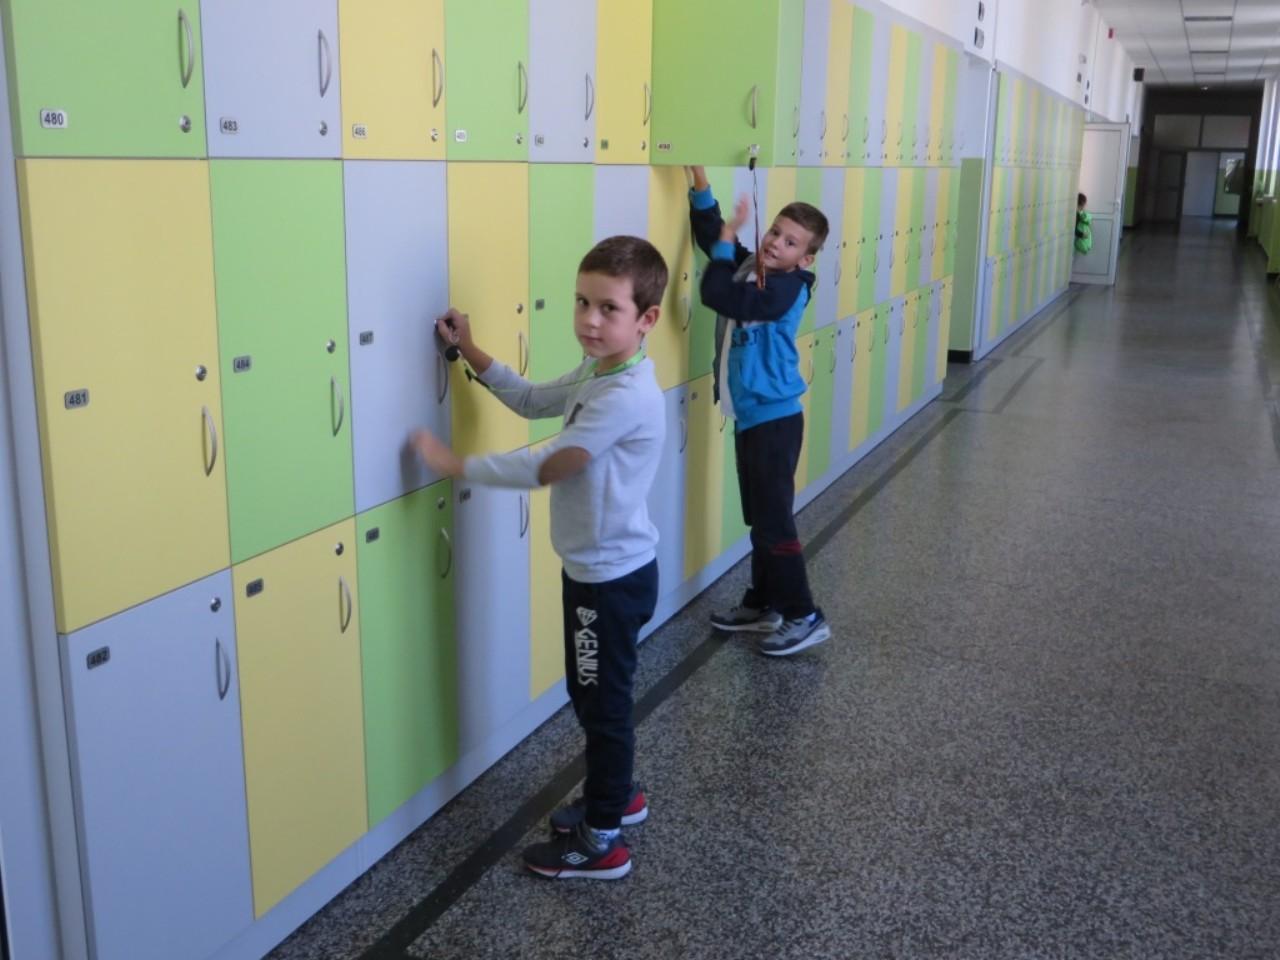 Вазовчета на училище с по-леки раници